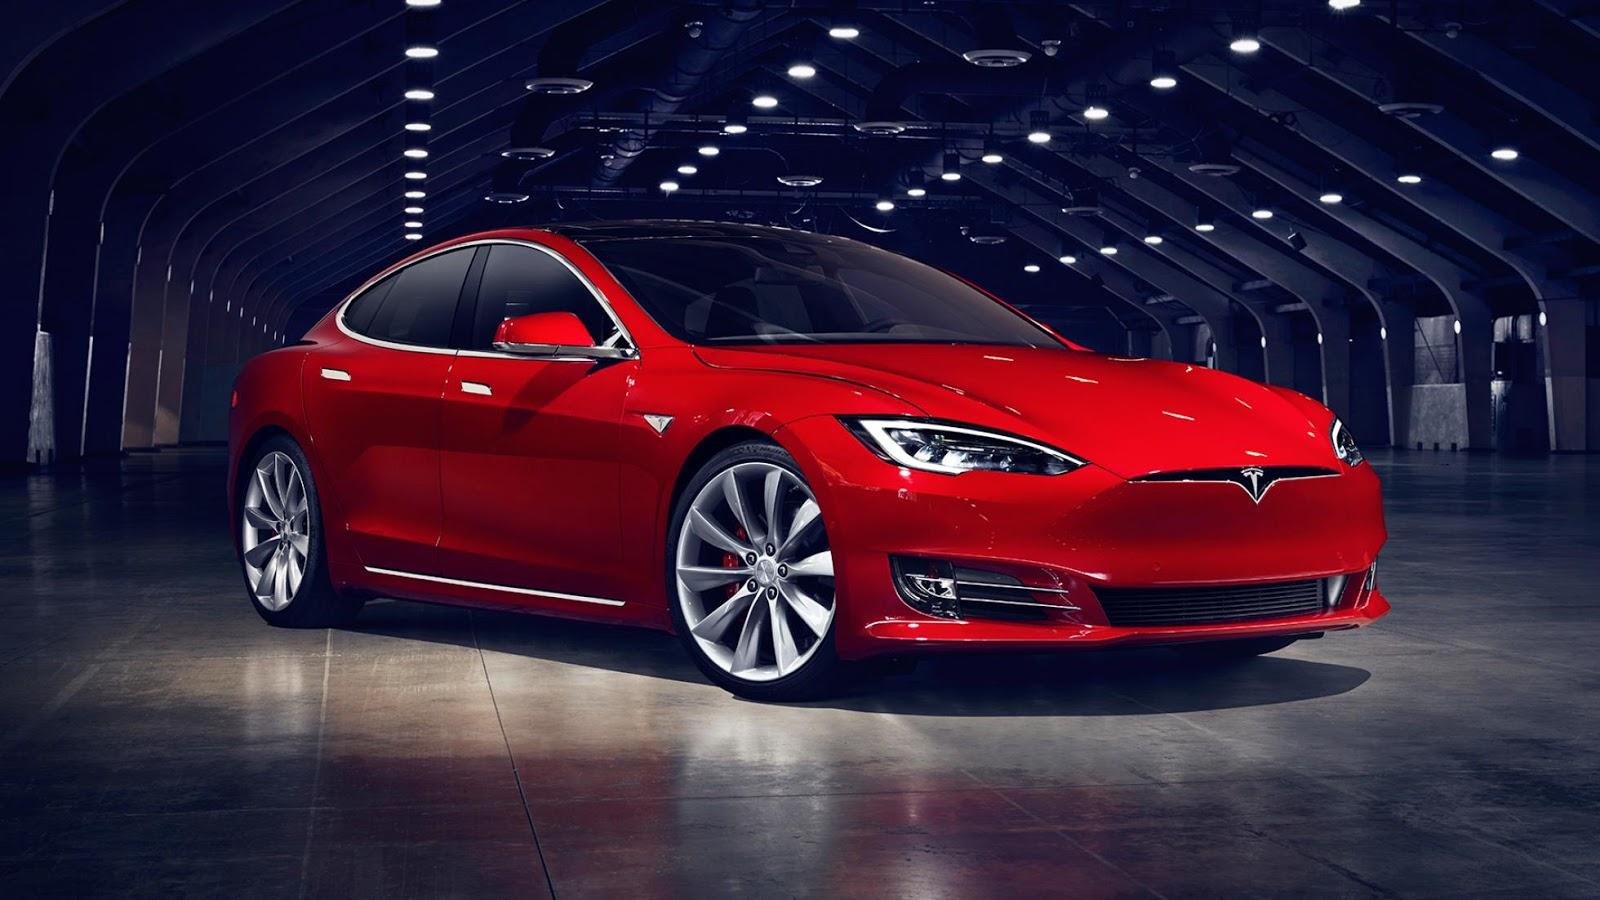 Lộ diện Tesla Model S - Siêu xế điện sẽ thay đổi thế giới?